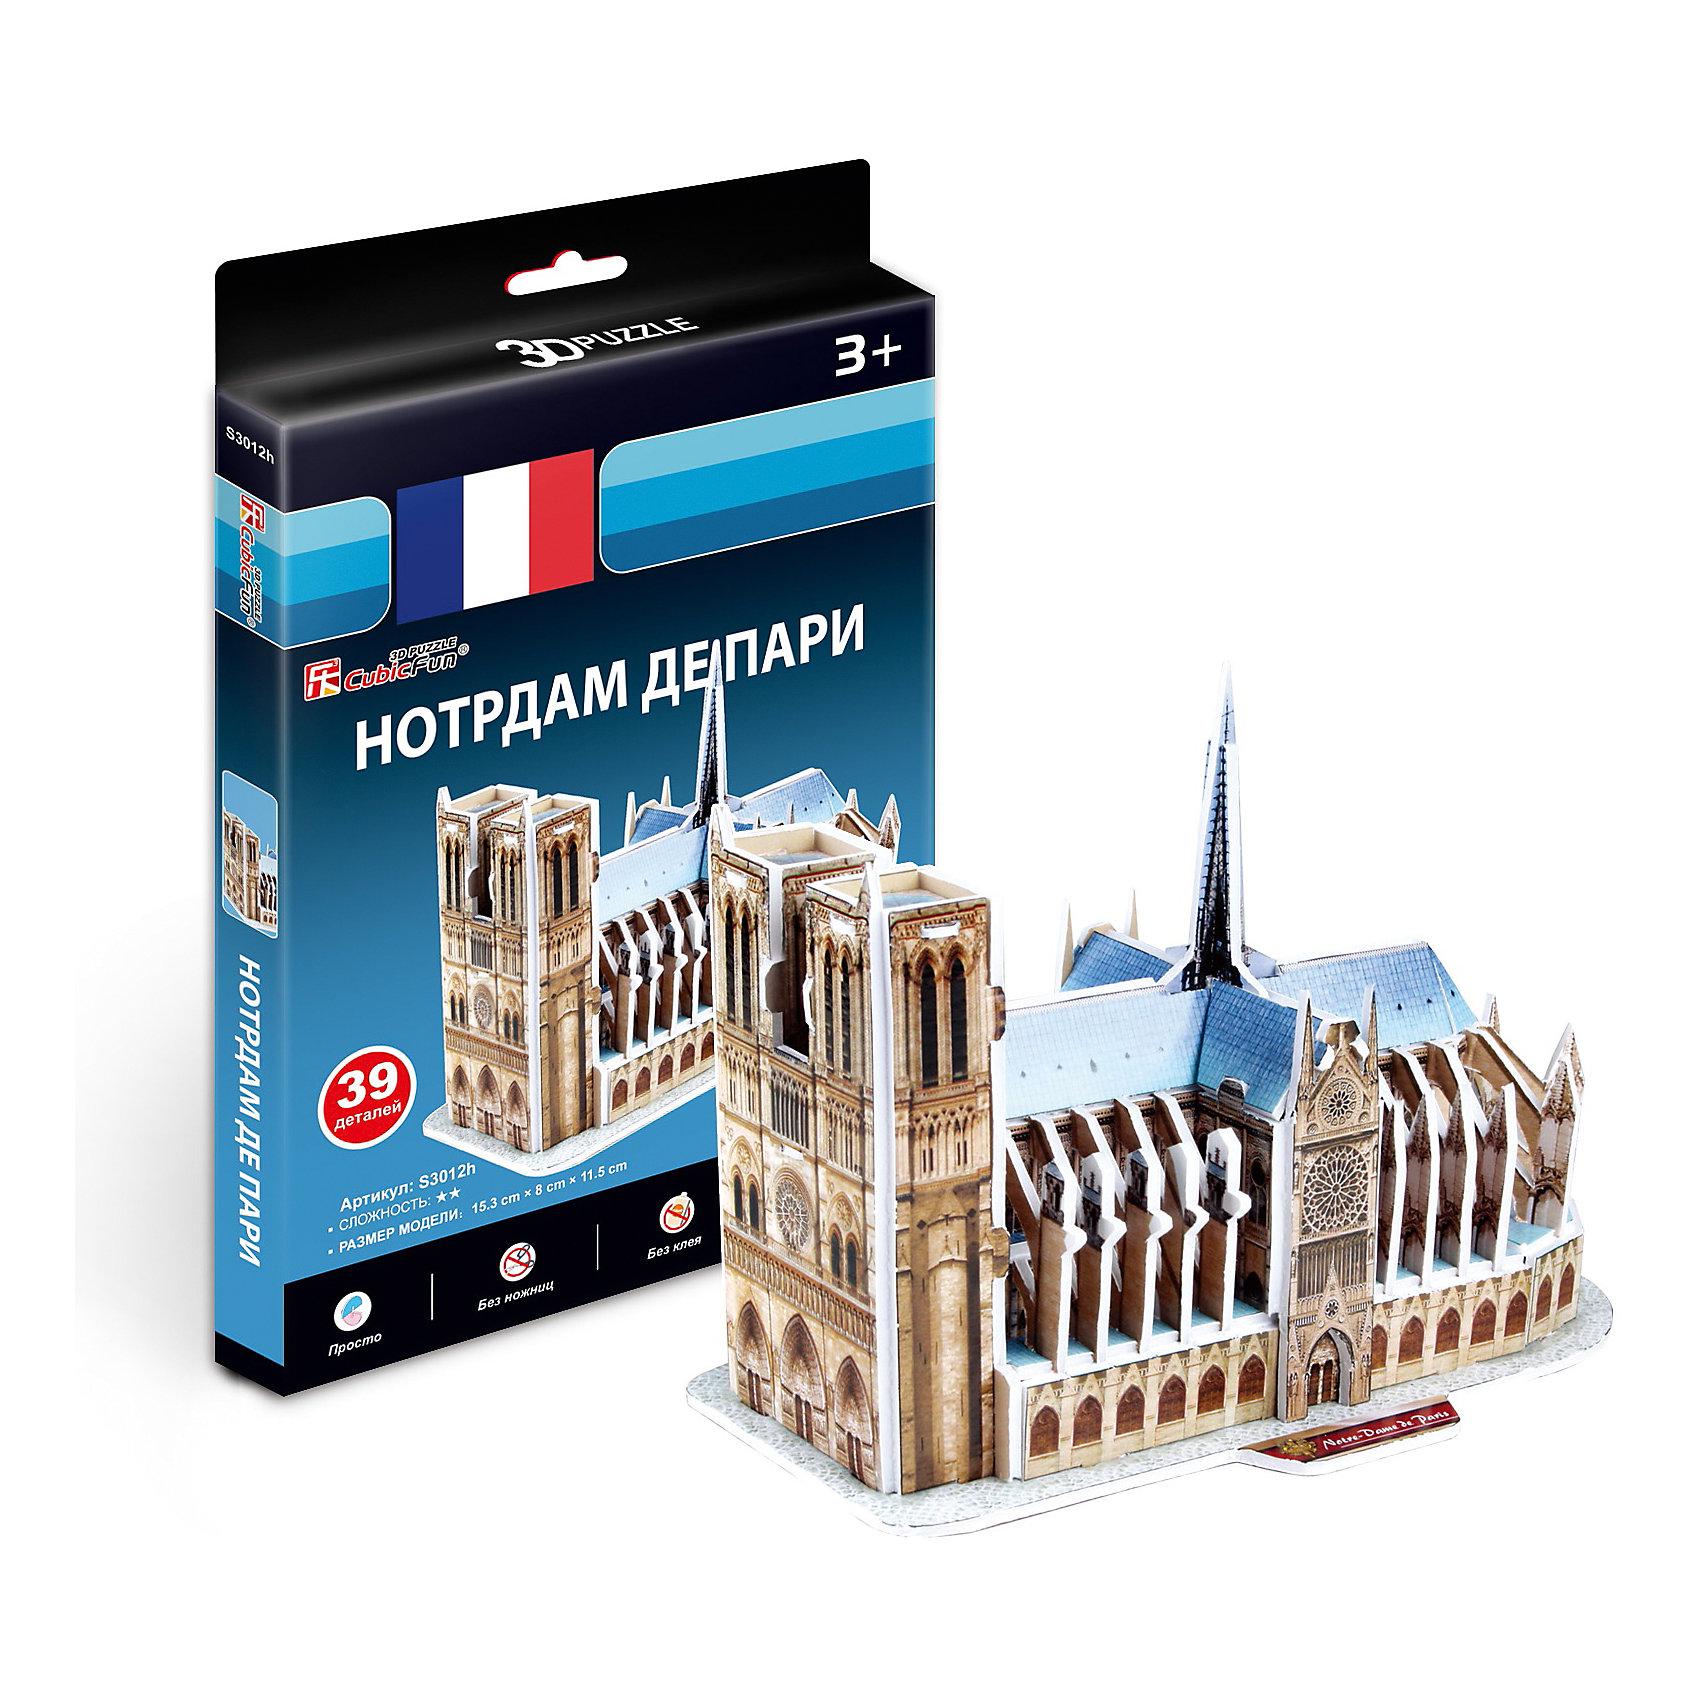 Пазл 3D Нотрдам де Пари (Франция), CubicFun3D пазлы<br>Cubic Fun S3012 Кубик фан Нотрдам де Пари (Франция)<br>Собор Парижской Богоматери (Нотр-Дам-де-Пари) — географическое и духовное «сердце» Парижа, расположен в восточной части острова Сите, на месте первой христианской церкви Парижа — базилики Святого Стефана, построенной, в свою очередь, на месте галло-римского храма Юпитера.<br>Уровень сложности - 3.<br>Функции:<br>- помогает в развитии логики и творческих способностей ребенка;<br>- помогает в формировании мышления, речи, внимания, восприятия и воображения;<br>- развивает моторику рук;<br>- расширяет кругозор ребенка и стимулирует к познанию новой информации.<br>Практические характеристики:<br>- обучающая, яркая и реалистичная модель;<br>- идеально и легко собирается без инструментов;<br>- увлекательный игровой процесс;<br>- тематический ассортимент;<br>- новый качественный материал (ламинированный пенокартон).<br><br>Ширина мм: 20<br>Глубина мм: 160<br>Высота мм: 250<br>Вес г: 119<br>Возраст от месяцев: 72<br>Возраст до месяцев: 192<br>Пол: Унисекс<br>Возраст: Детский<br>SKU: 4951167